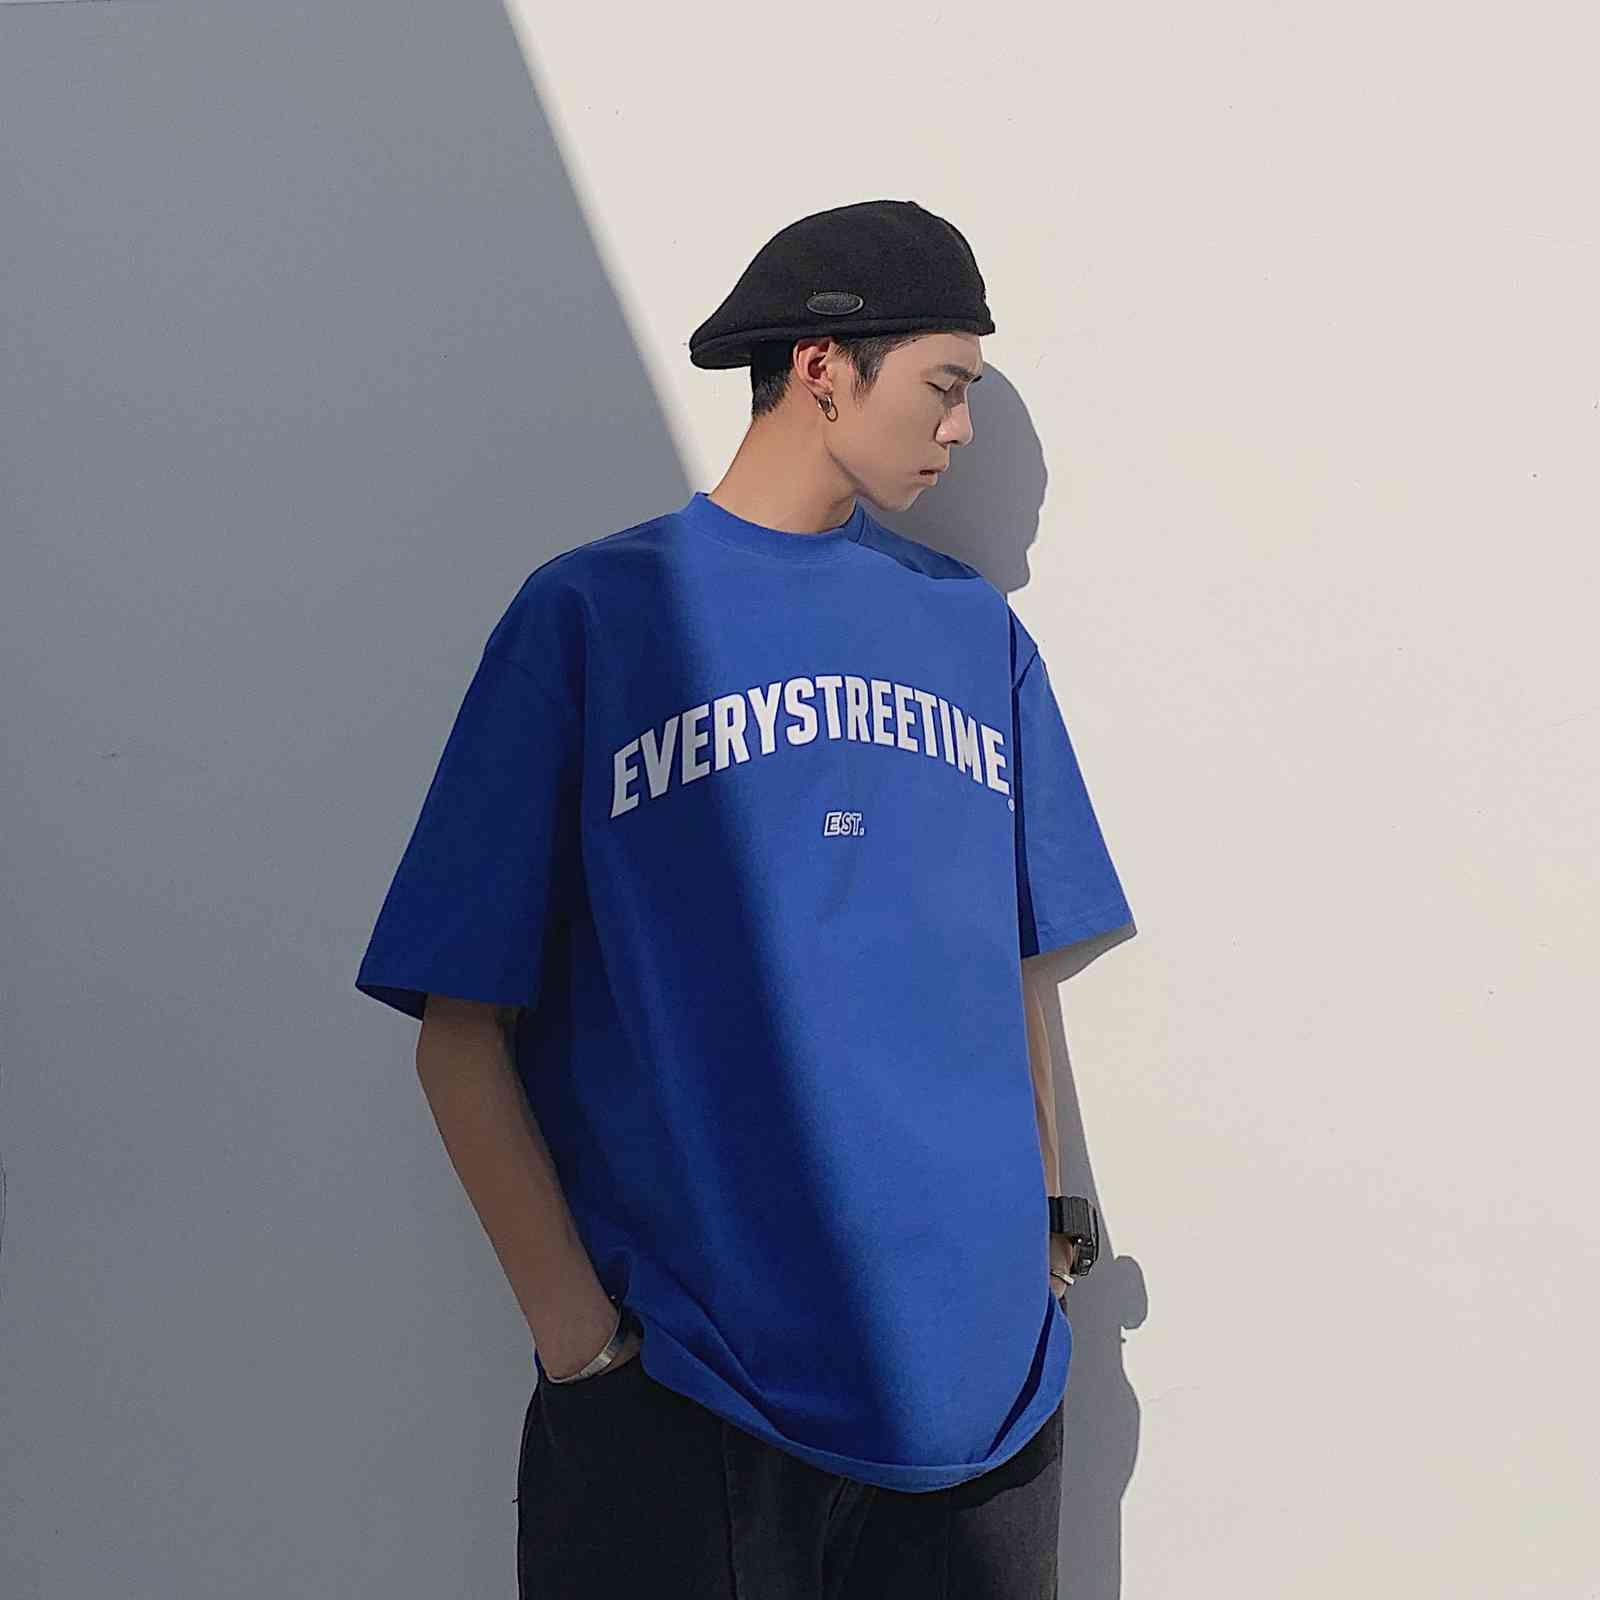 T Универсальная базовая рубашка Литература Простое письмо с коротким рукавом Футболка Досуг Летняя мужская одежда